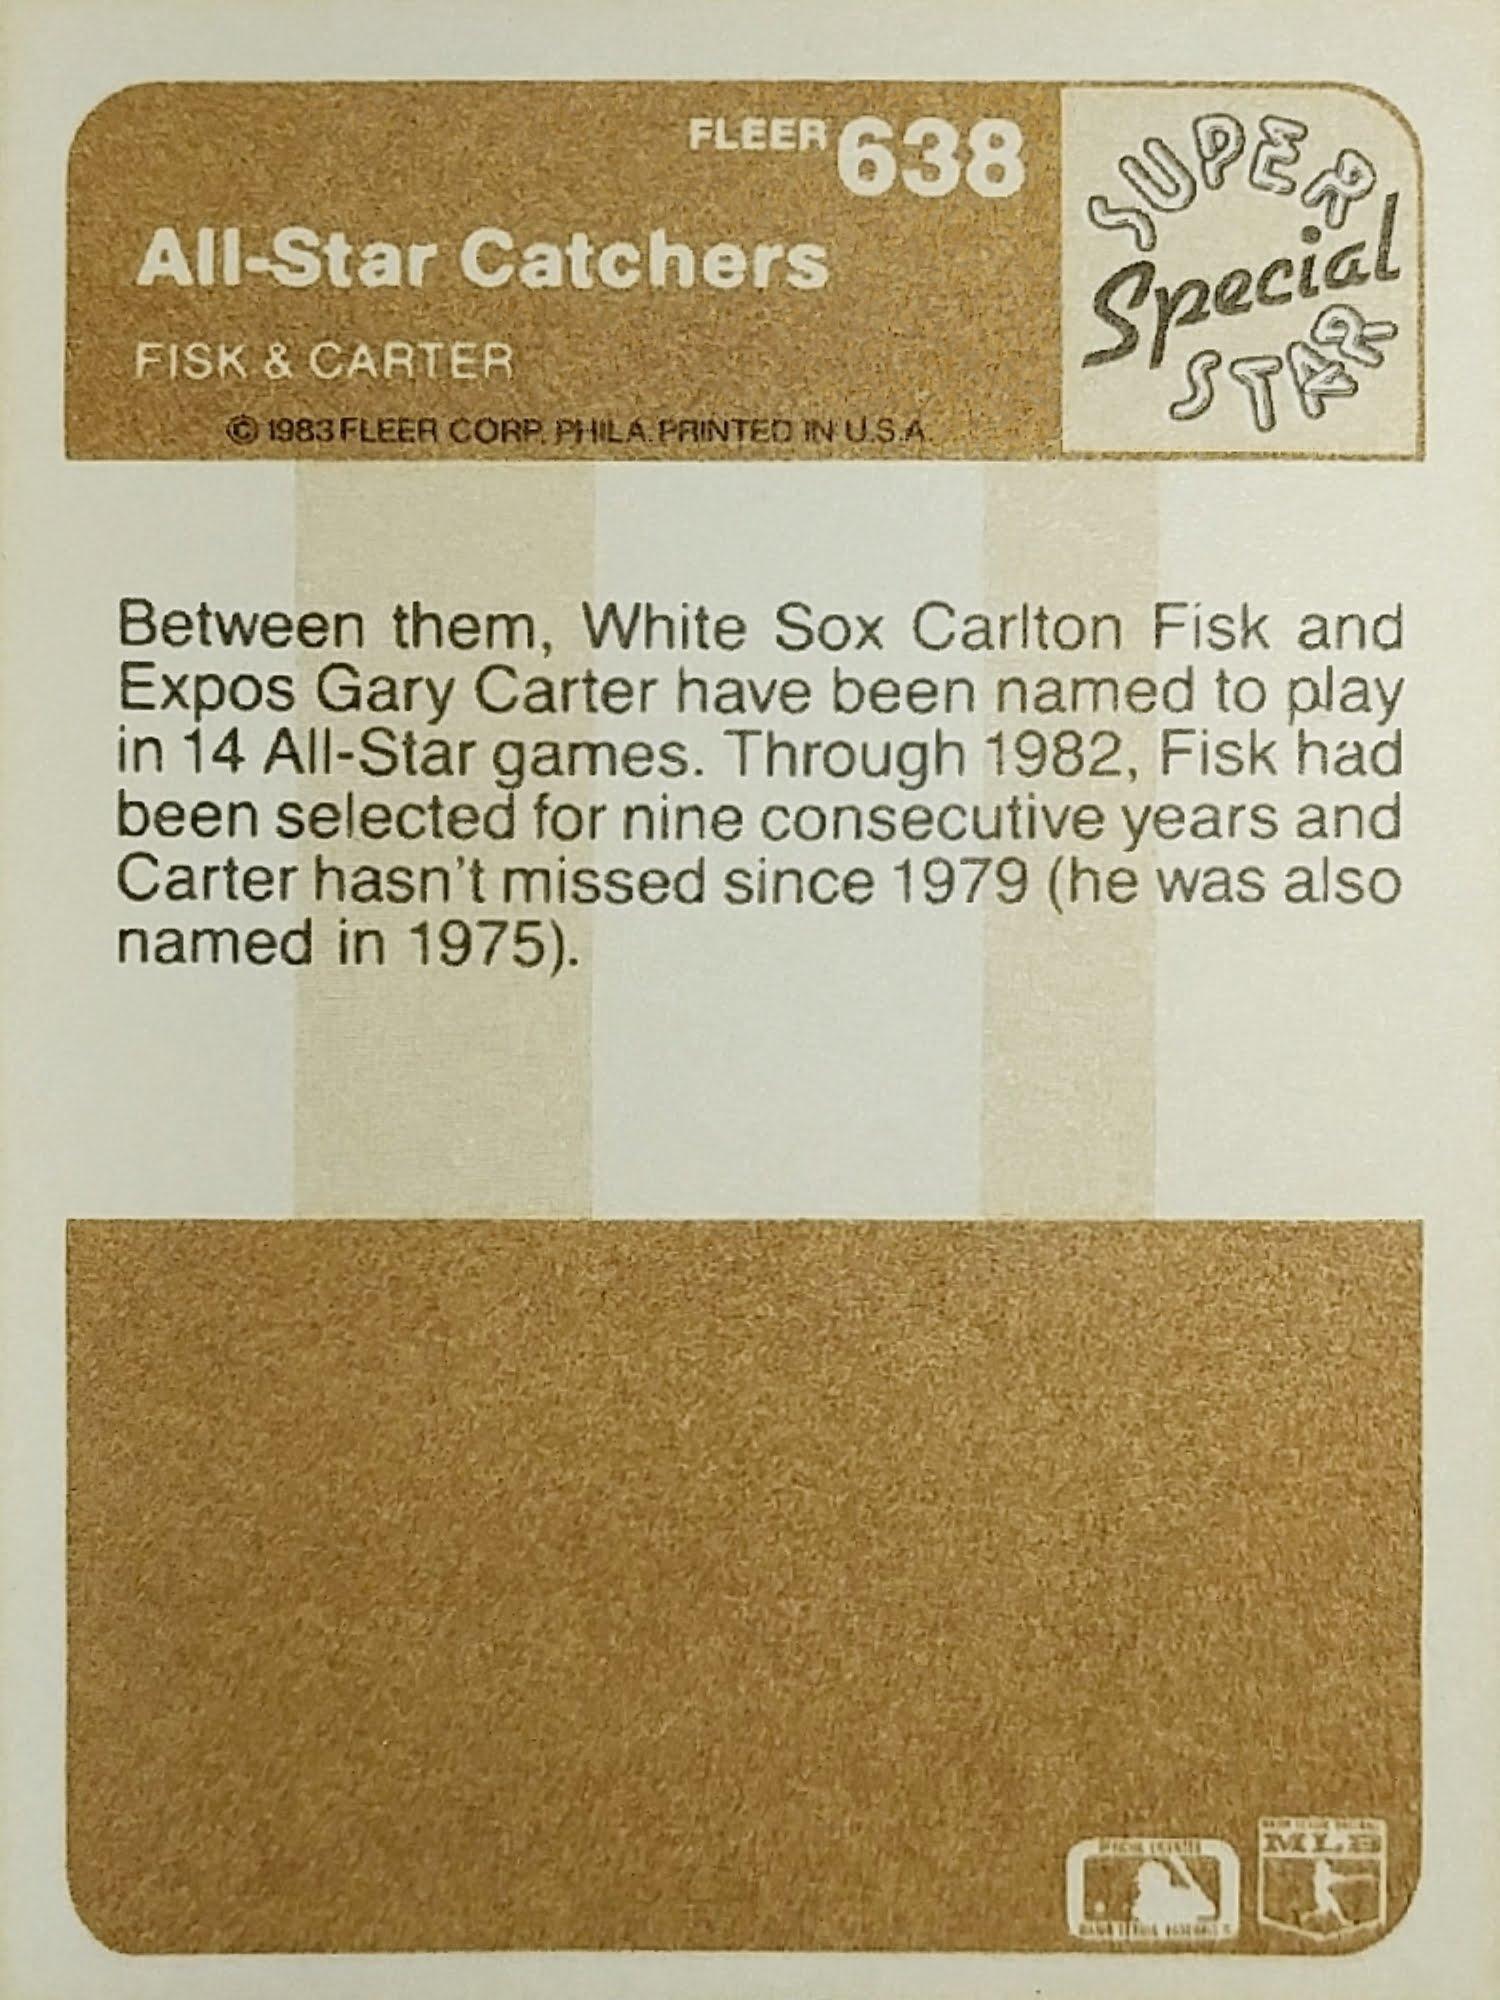 Fleer 1983 All-Star Catchers back